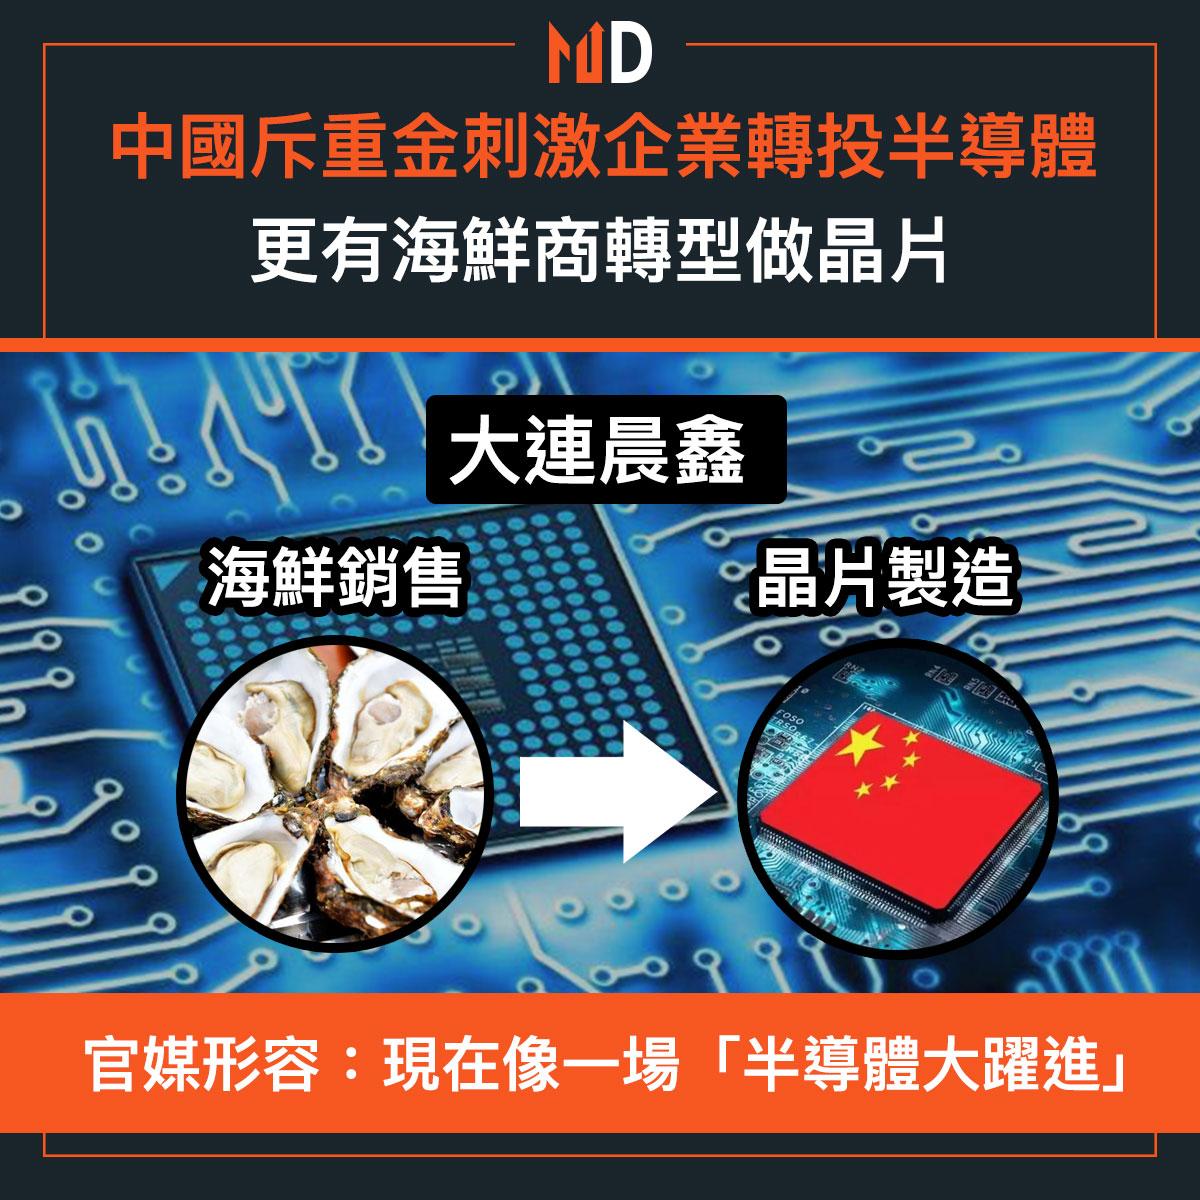 中國晶片在未來會否成長?